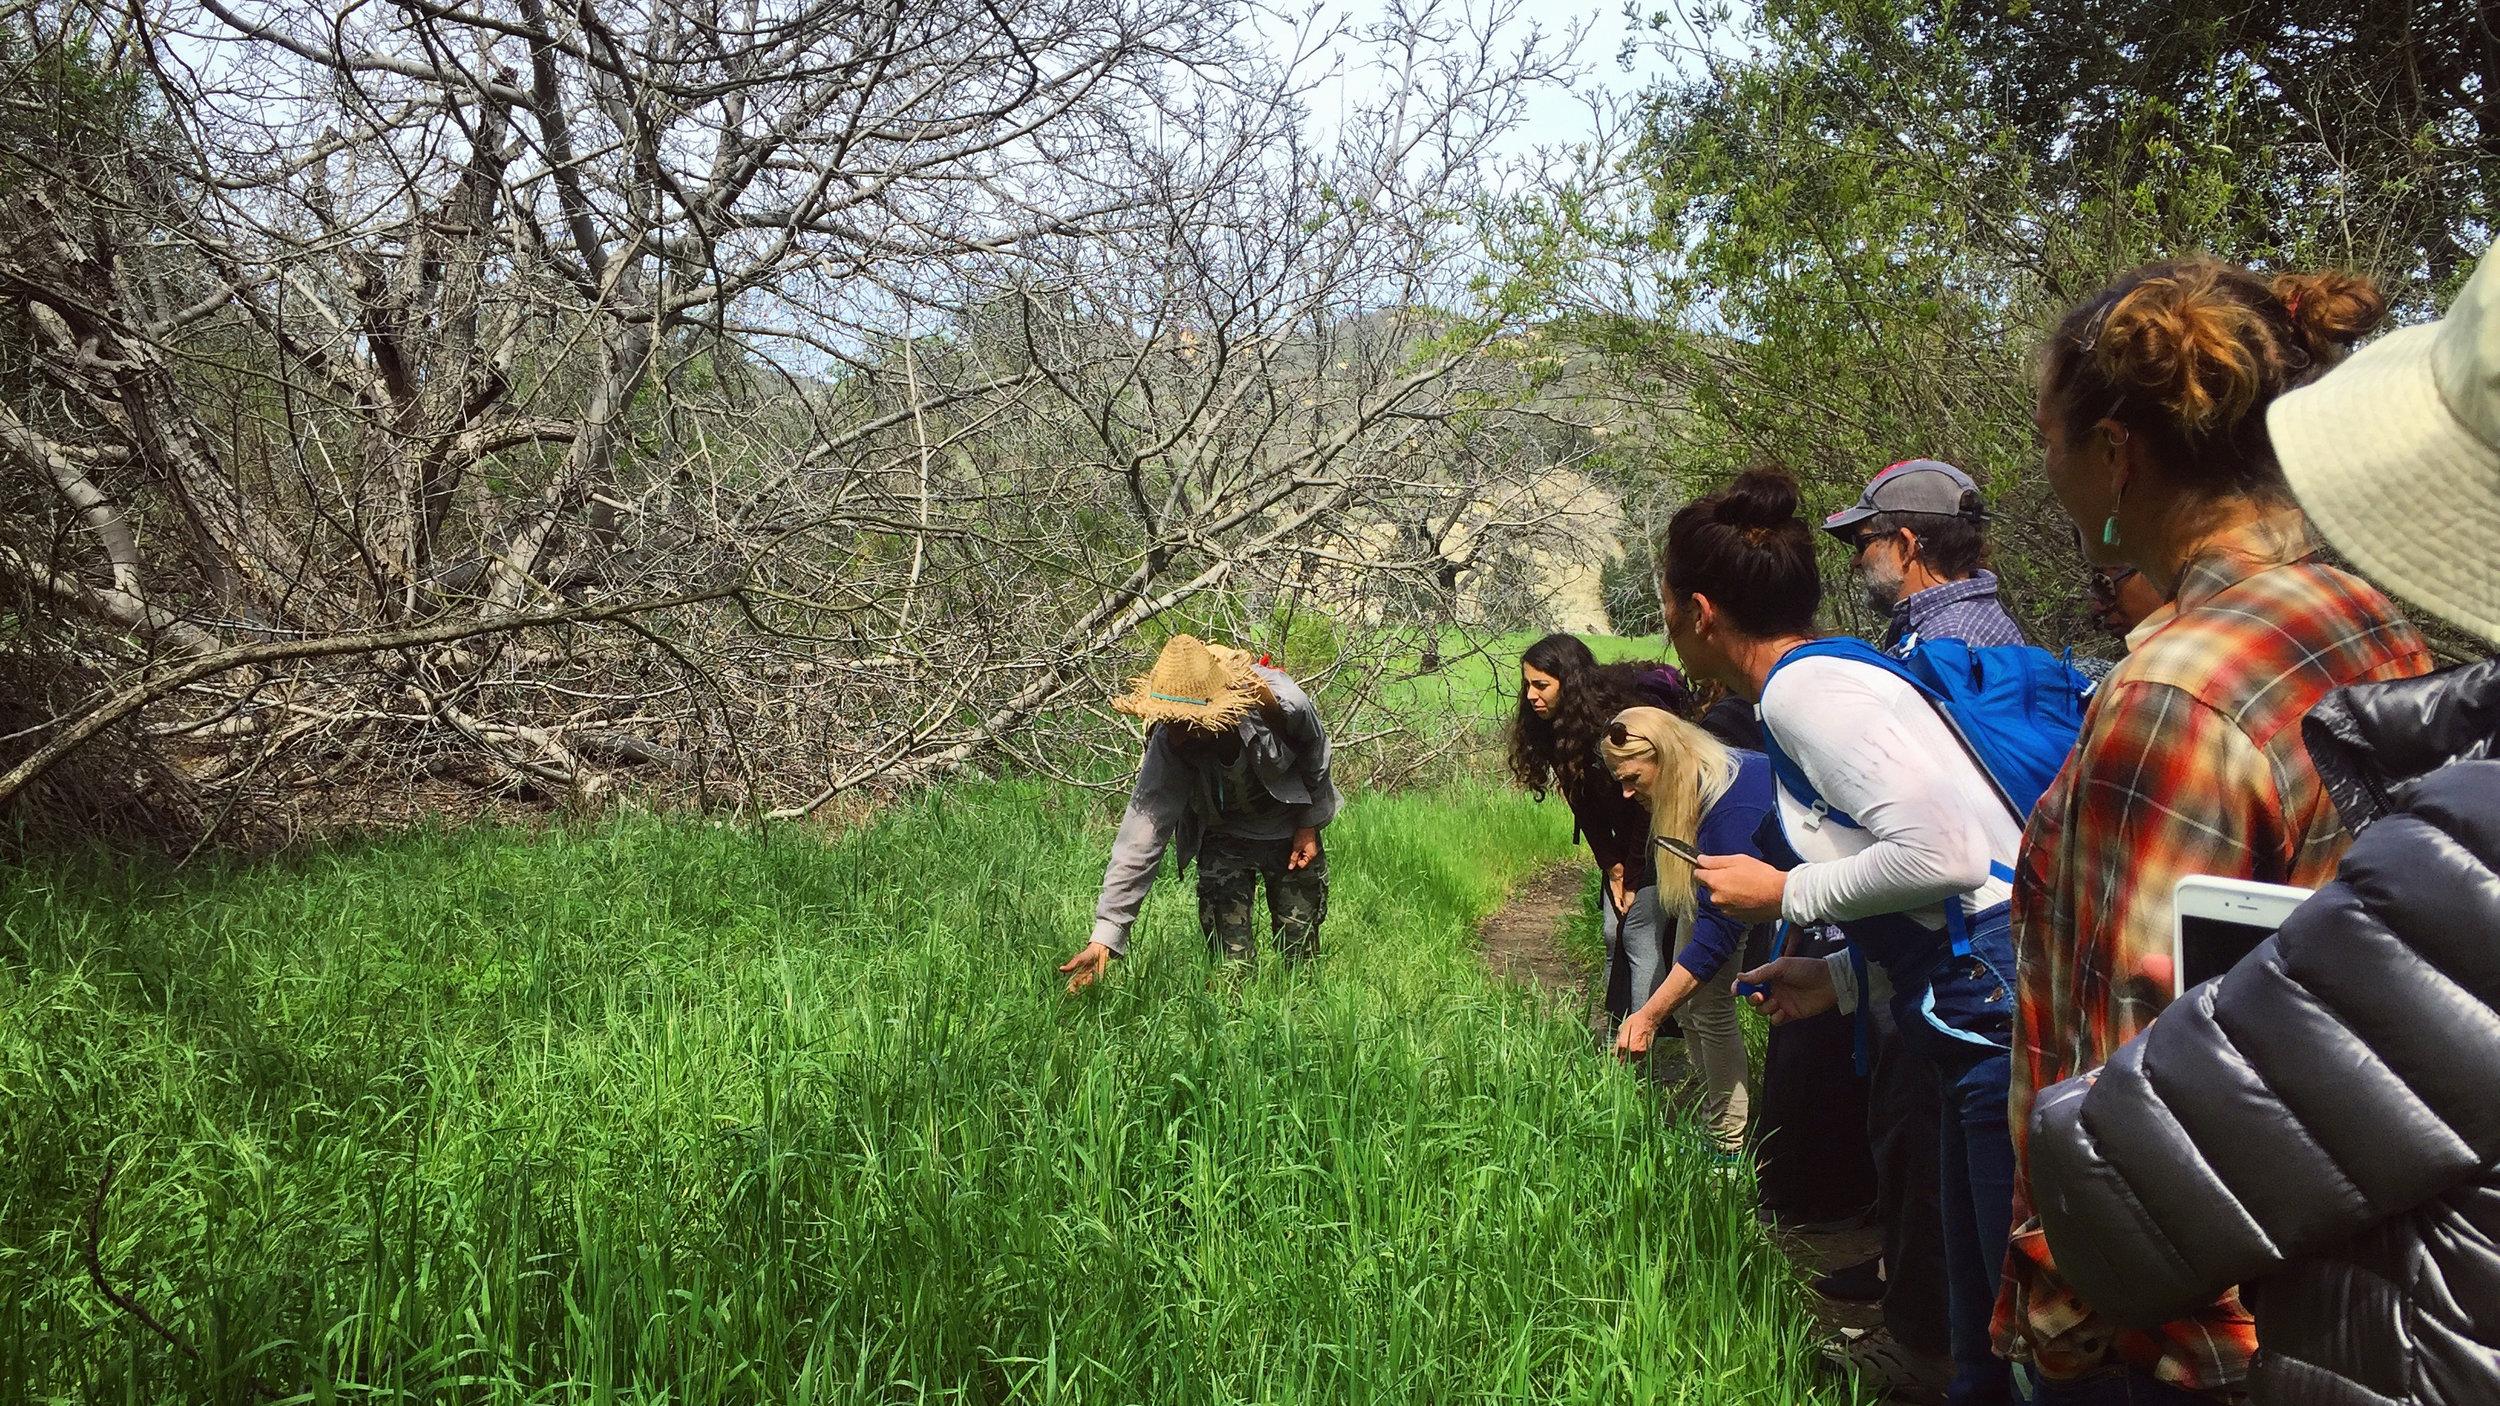 Herbal walk in Laguna Coast Wilderness Park, Laguna Beach, CA